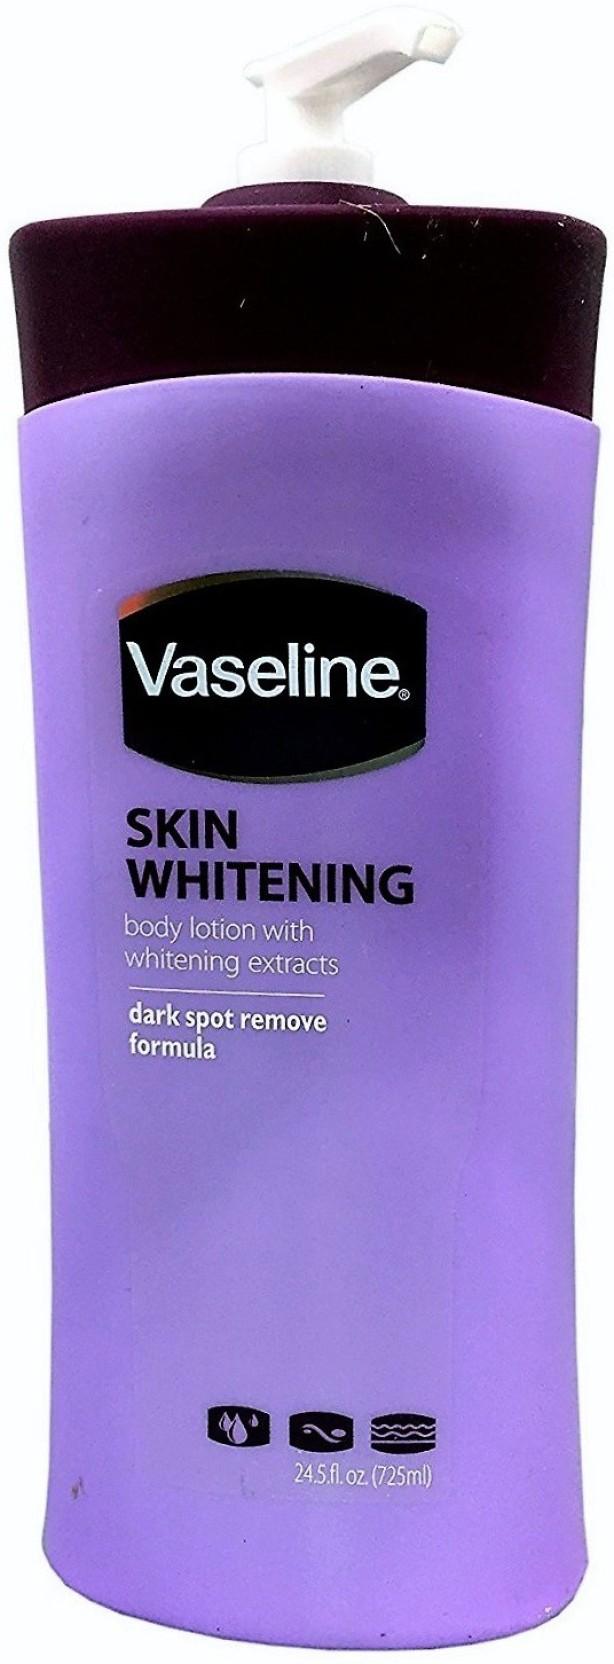 Vaseline Skin Whitening & Dark Spot Removal Body Lotion (Made in USA